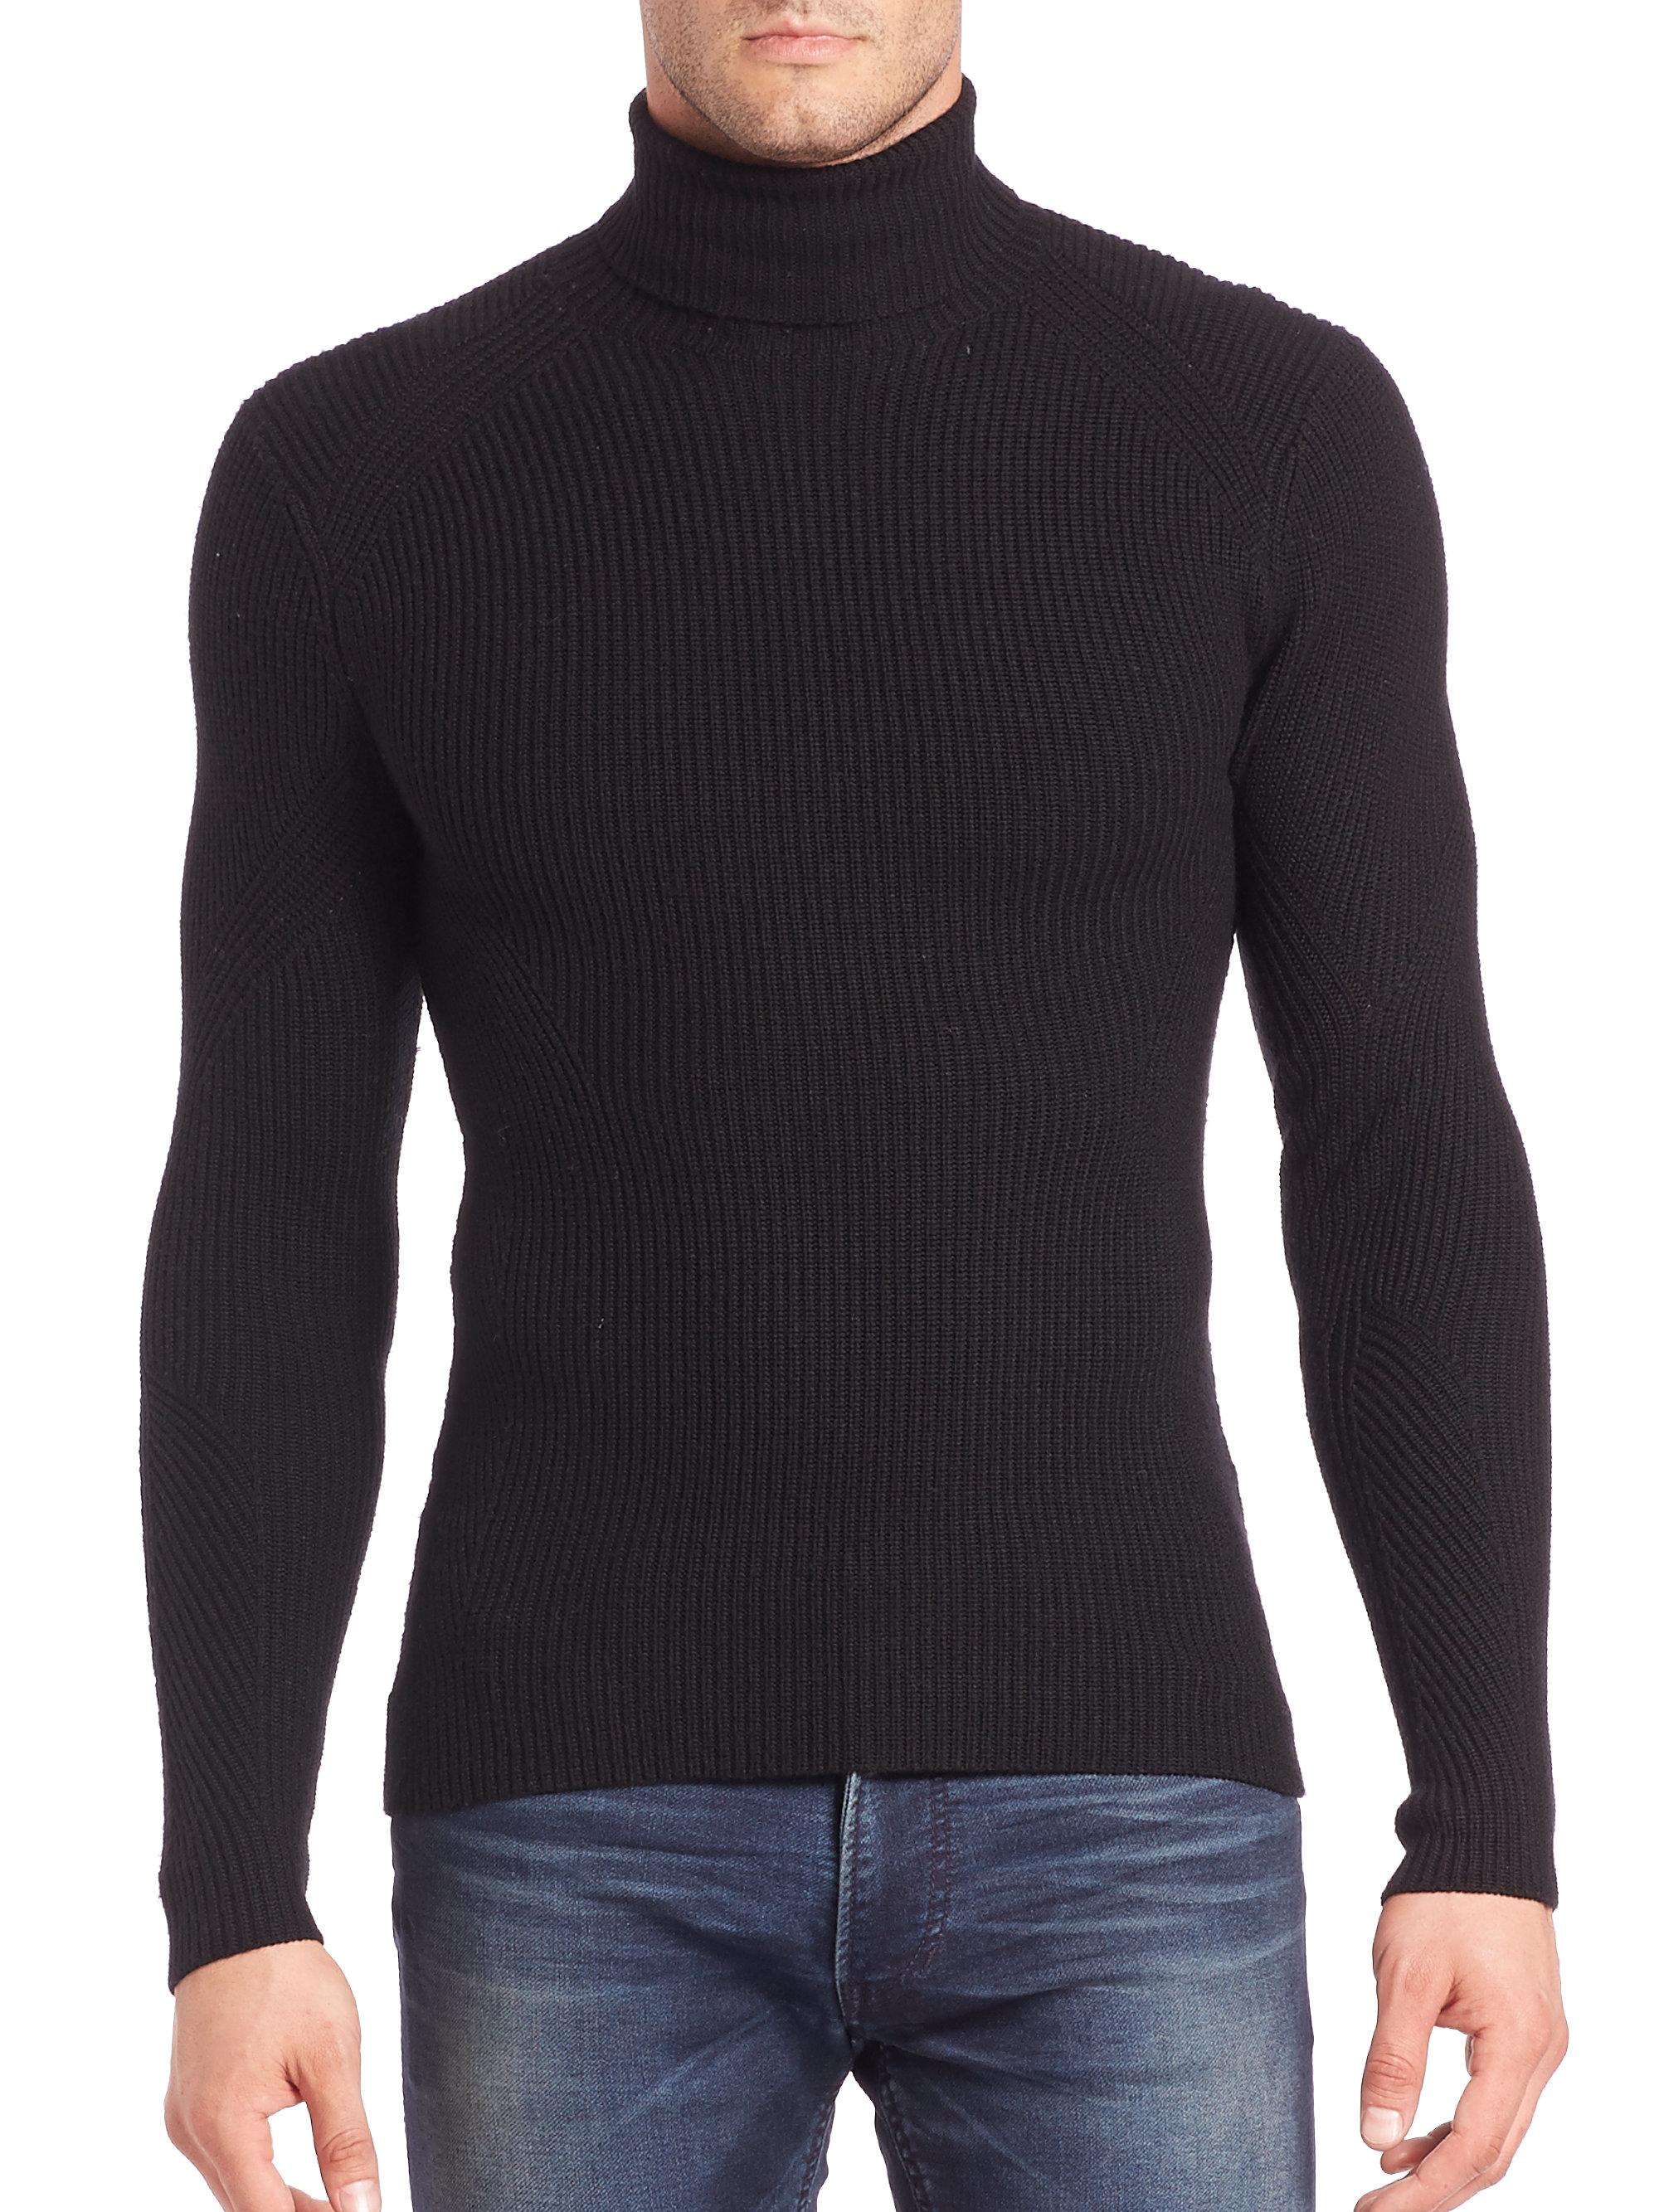 Ralph lauren black label Ribbed Merino Wool Turtleneck Sweater in ...